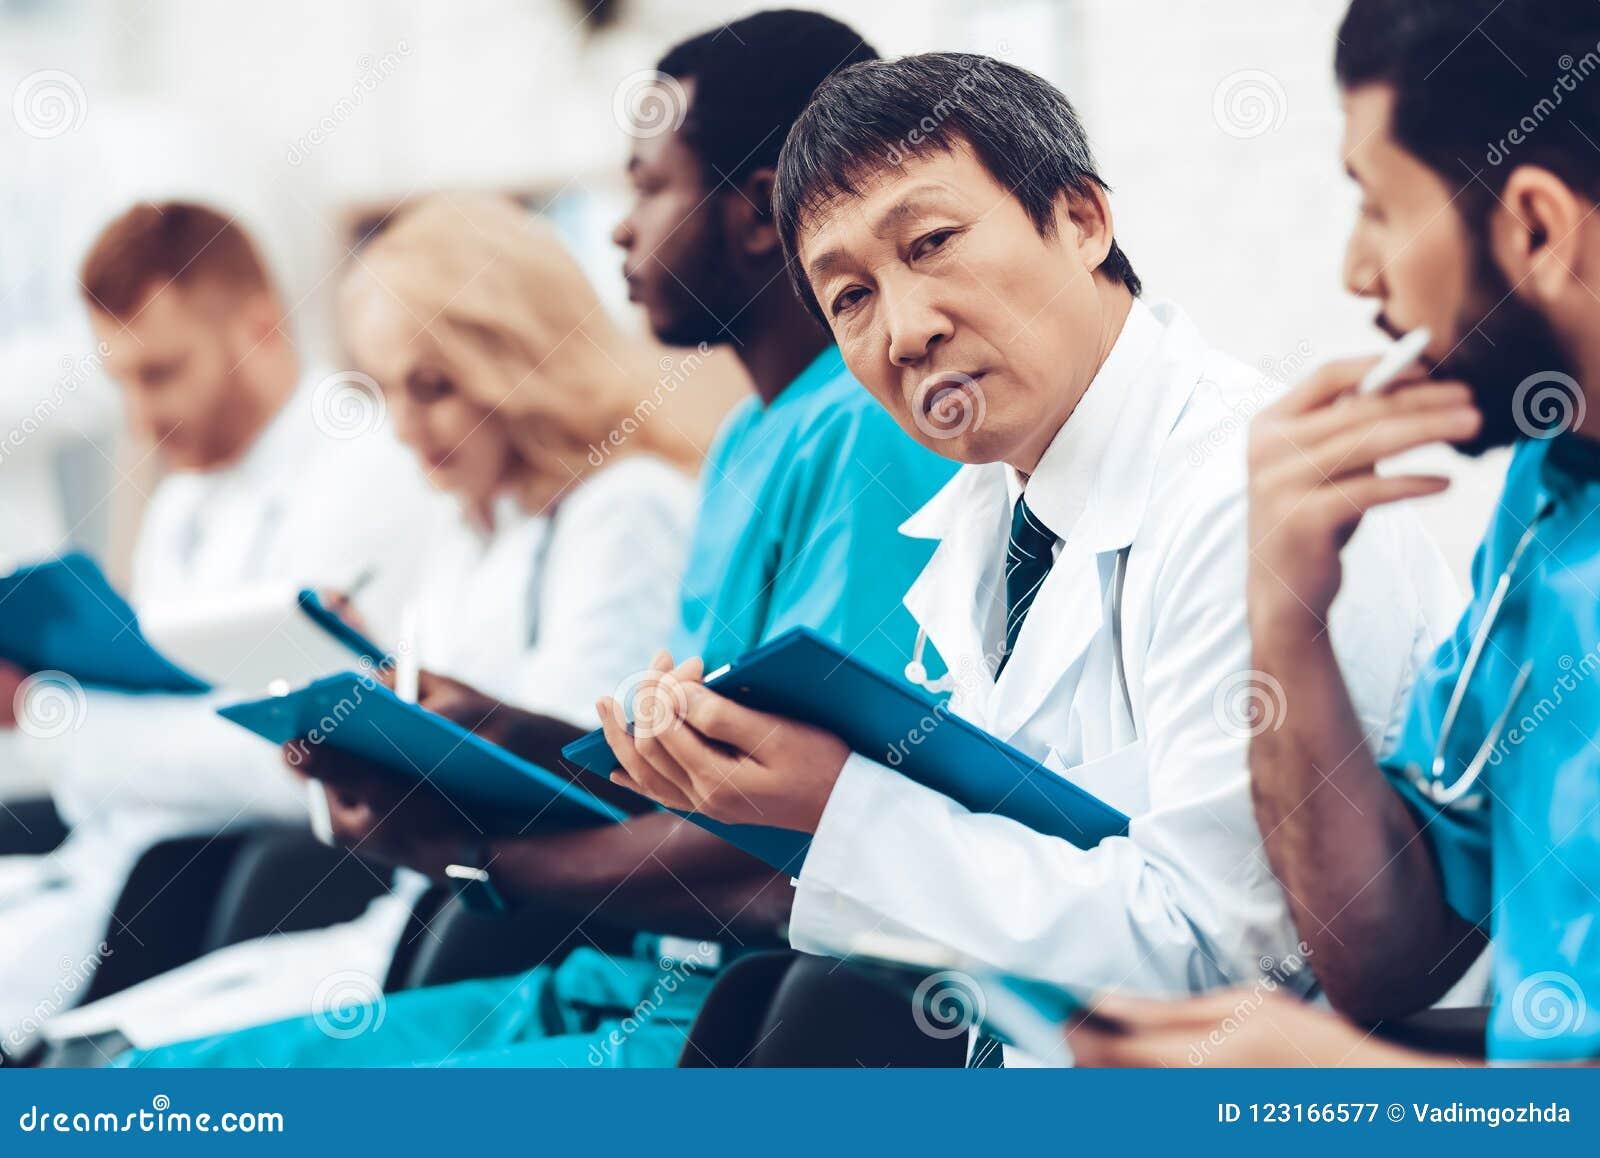 Asiatisk doktor Camera Staring During föreläsningen